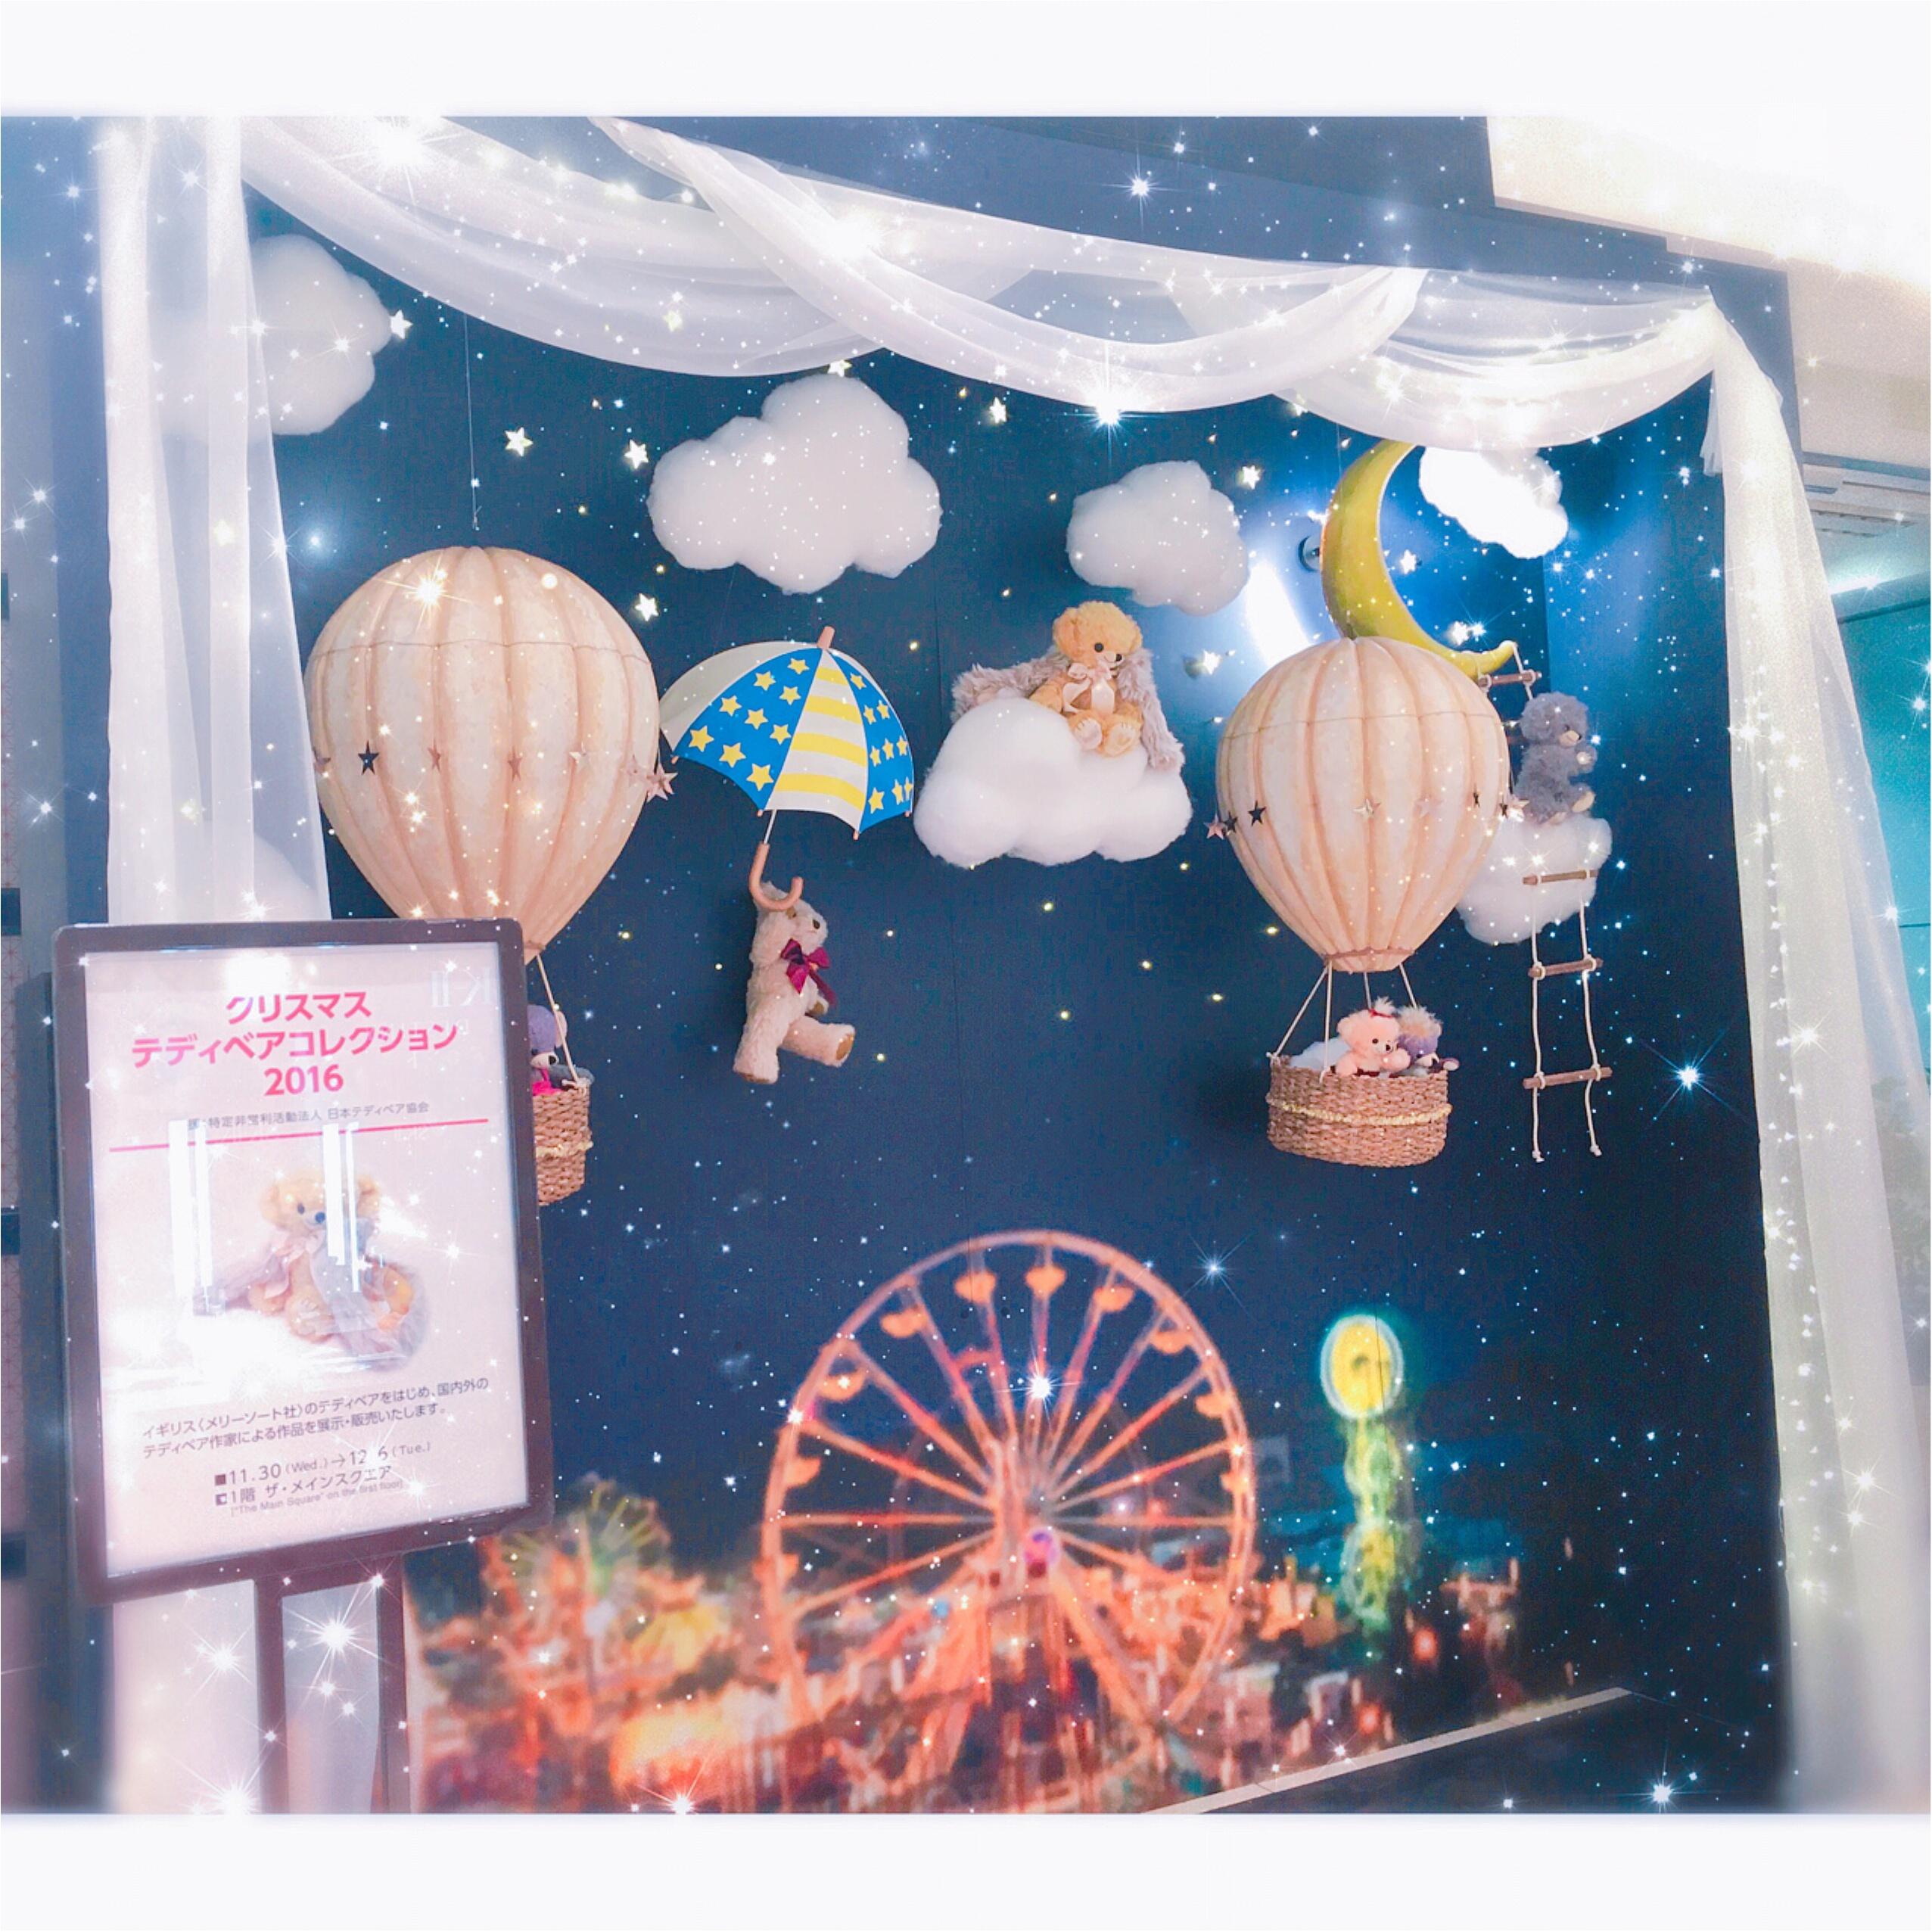 ▷【「夜空に輝く夢のテディランド」が新宿高島屋に登場✨】_2